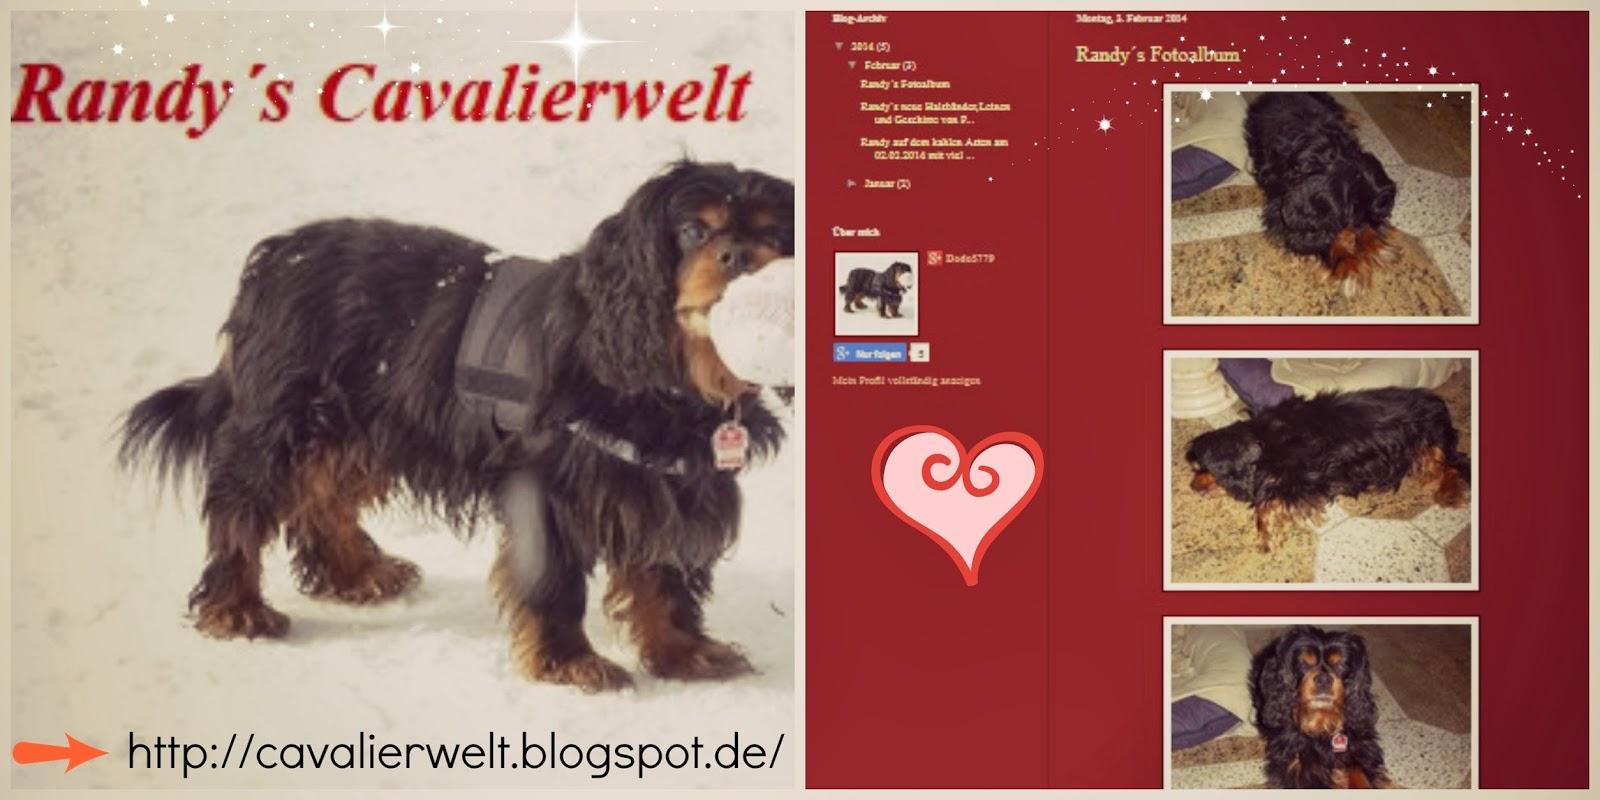 http://cavalierwelt.blogspot.de/